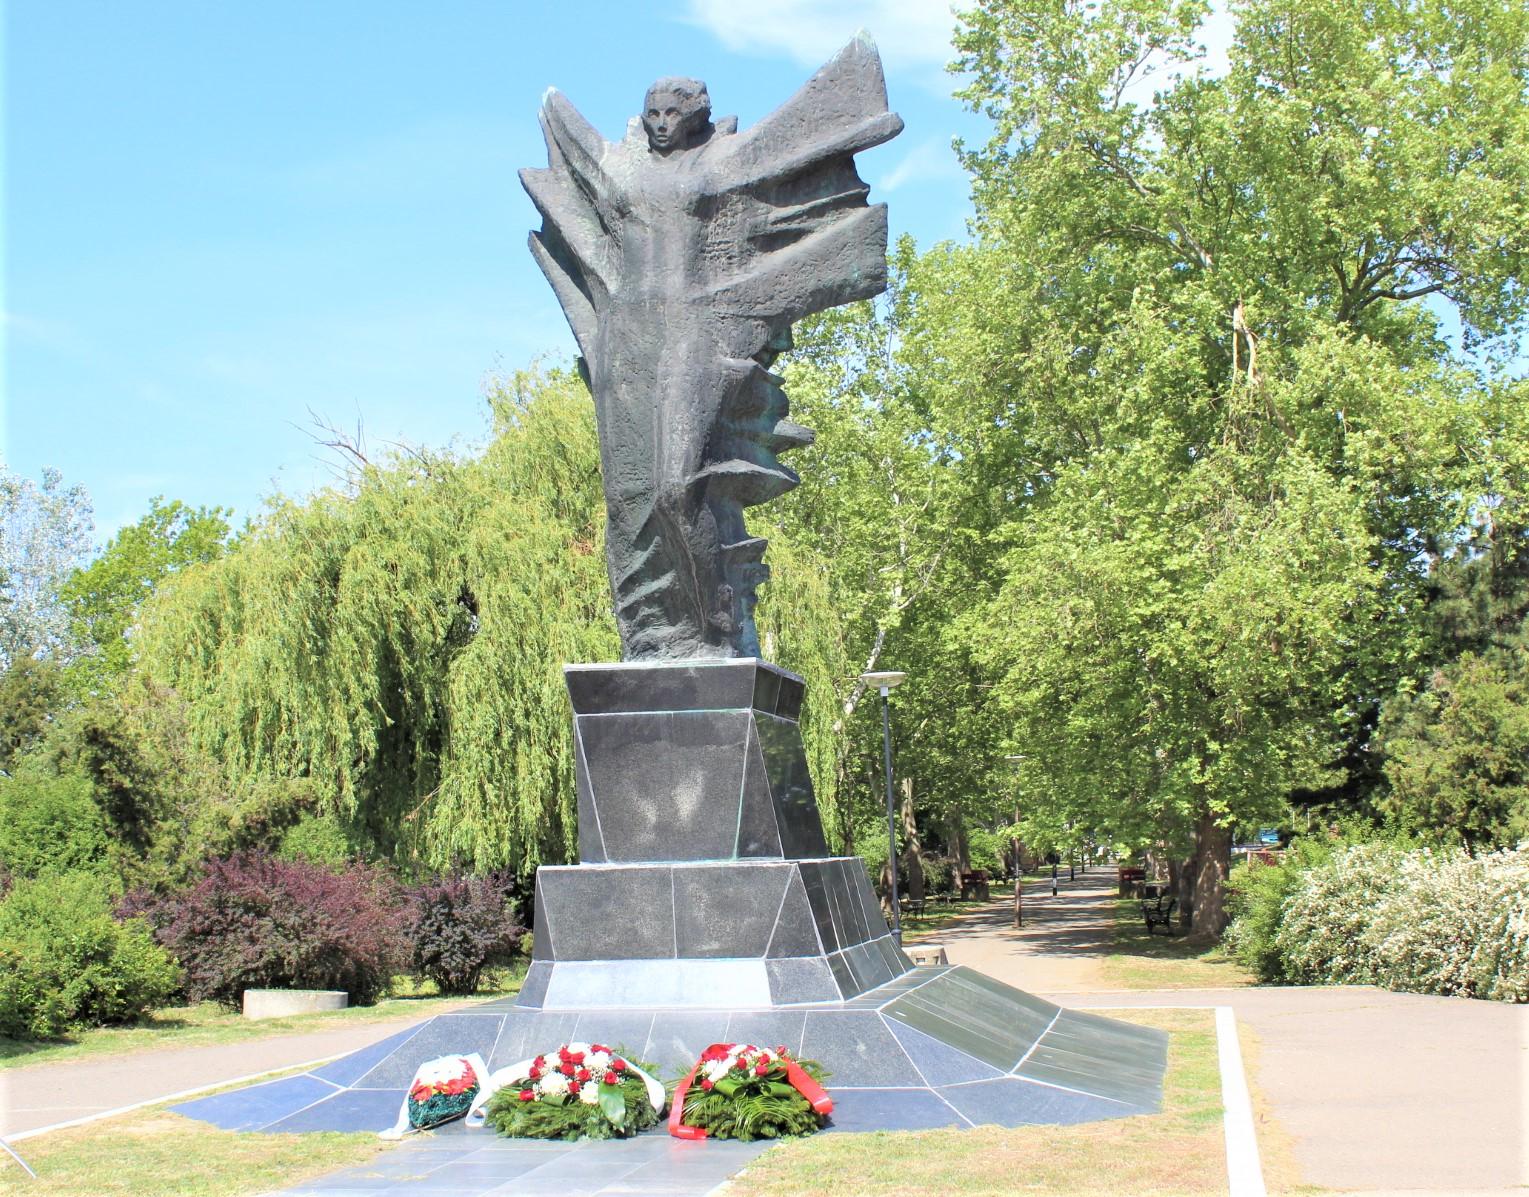 Spomenik Pobede sa vencima položenim u znak sećanja na Dan pobede